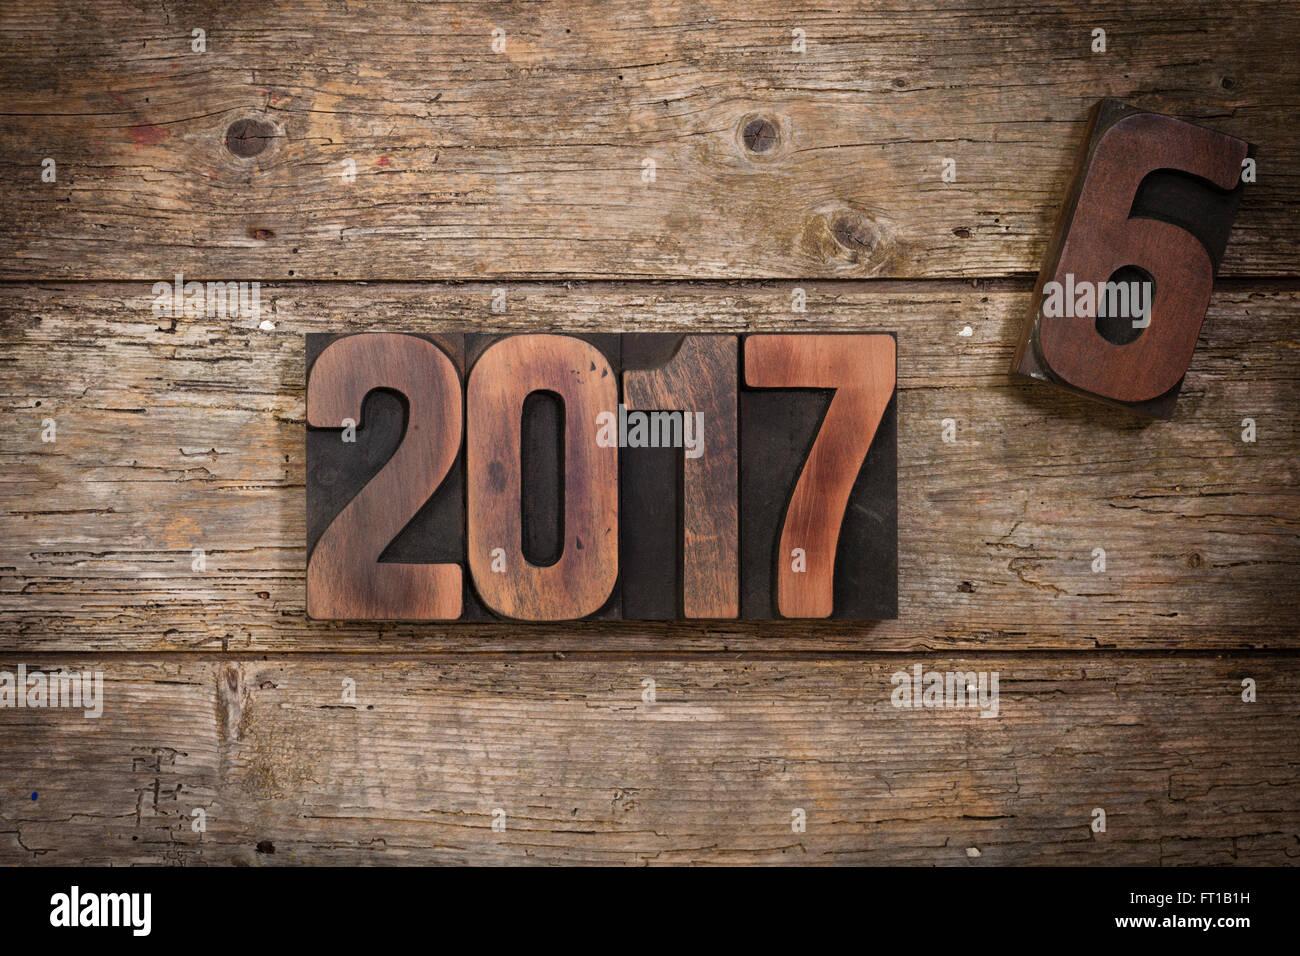 Ruotare dell'anno 2016 al 2017 raffigurata con vintage Stampa tipografica Stampa numeri di blocco sul rustico Immagini Stock